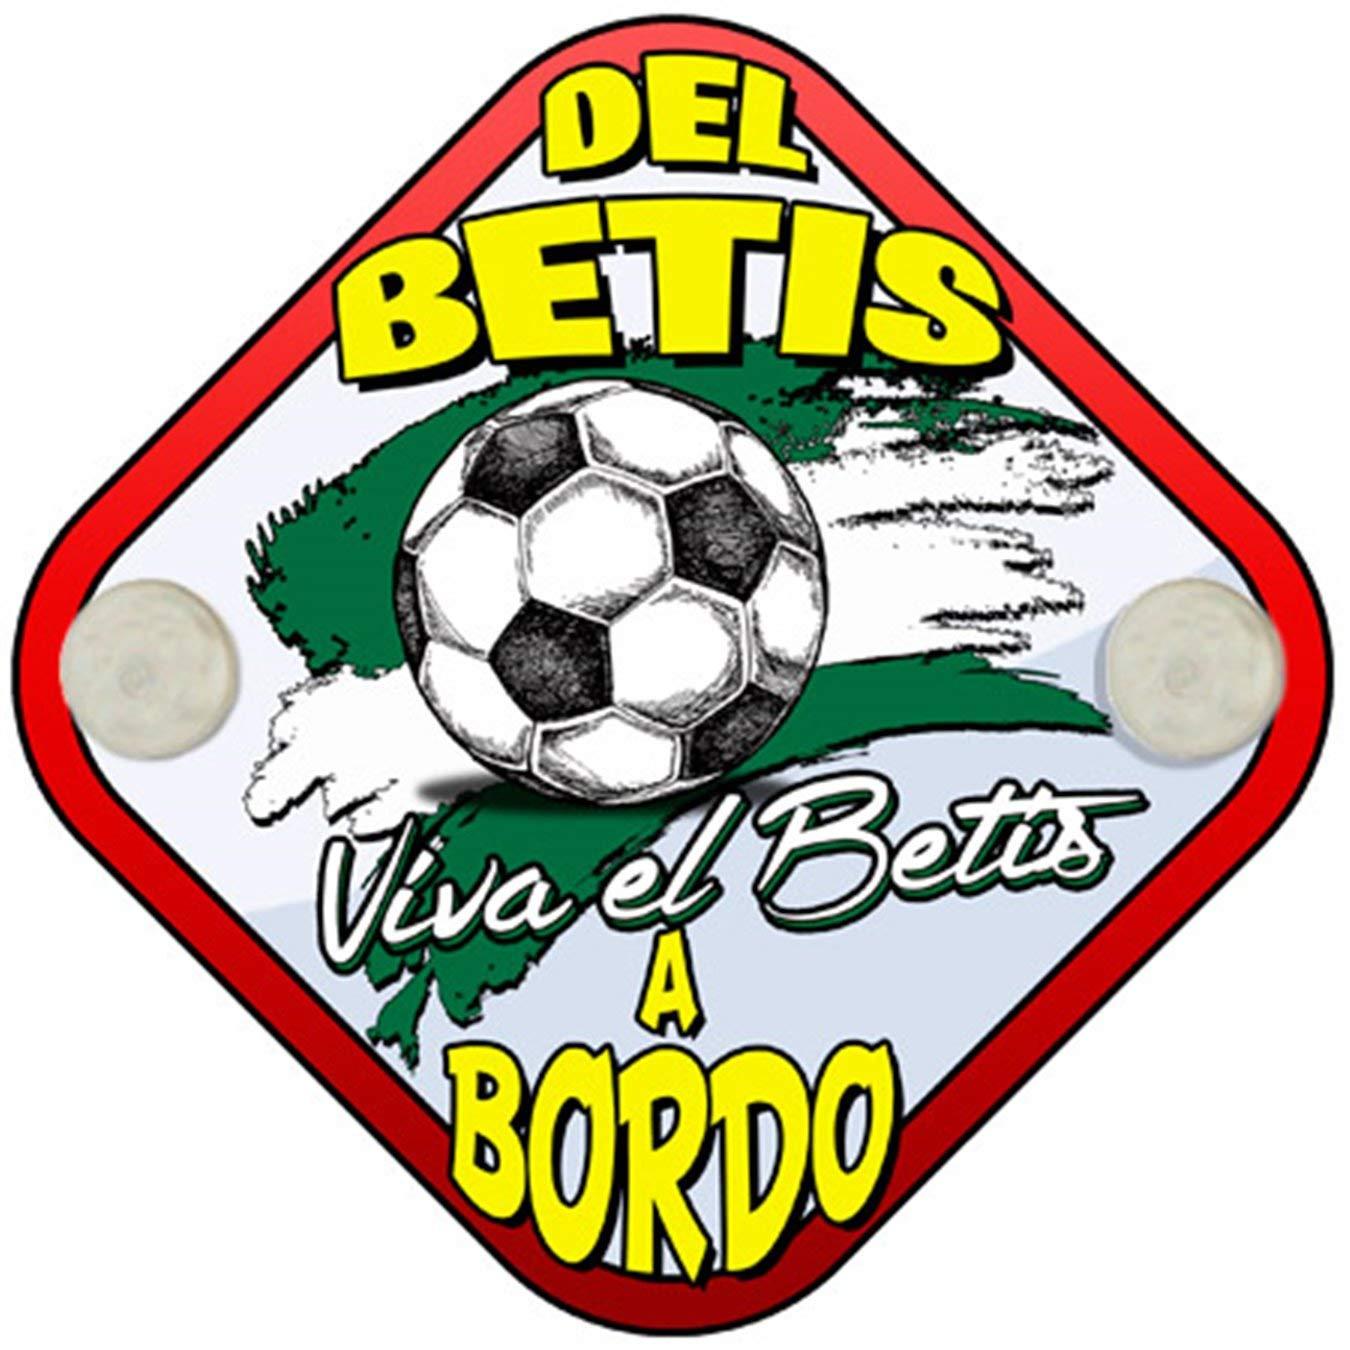 Placa beb/é a bordo hincha del Betis a bordo